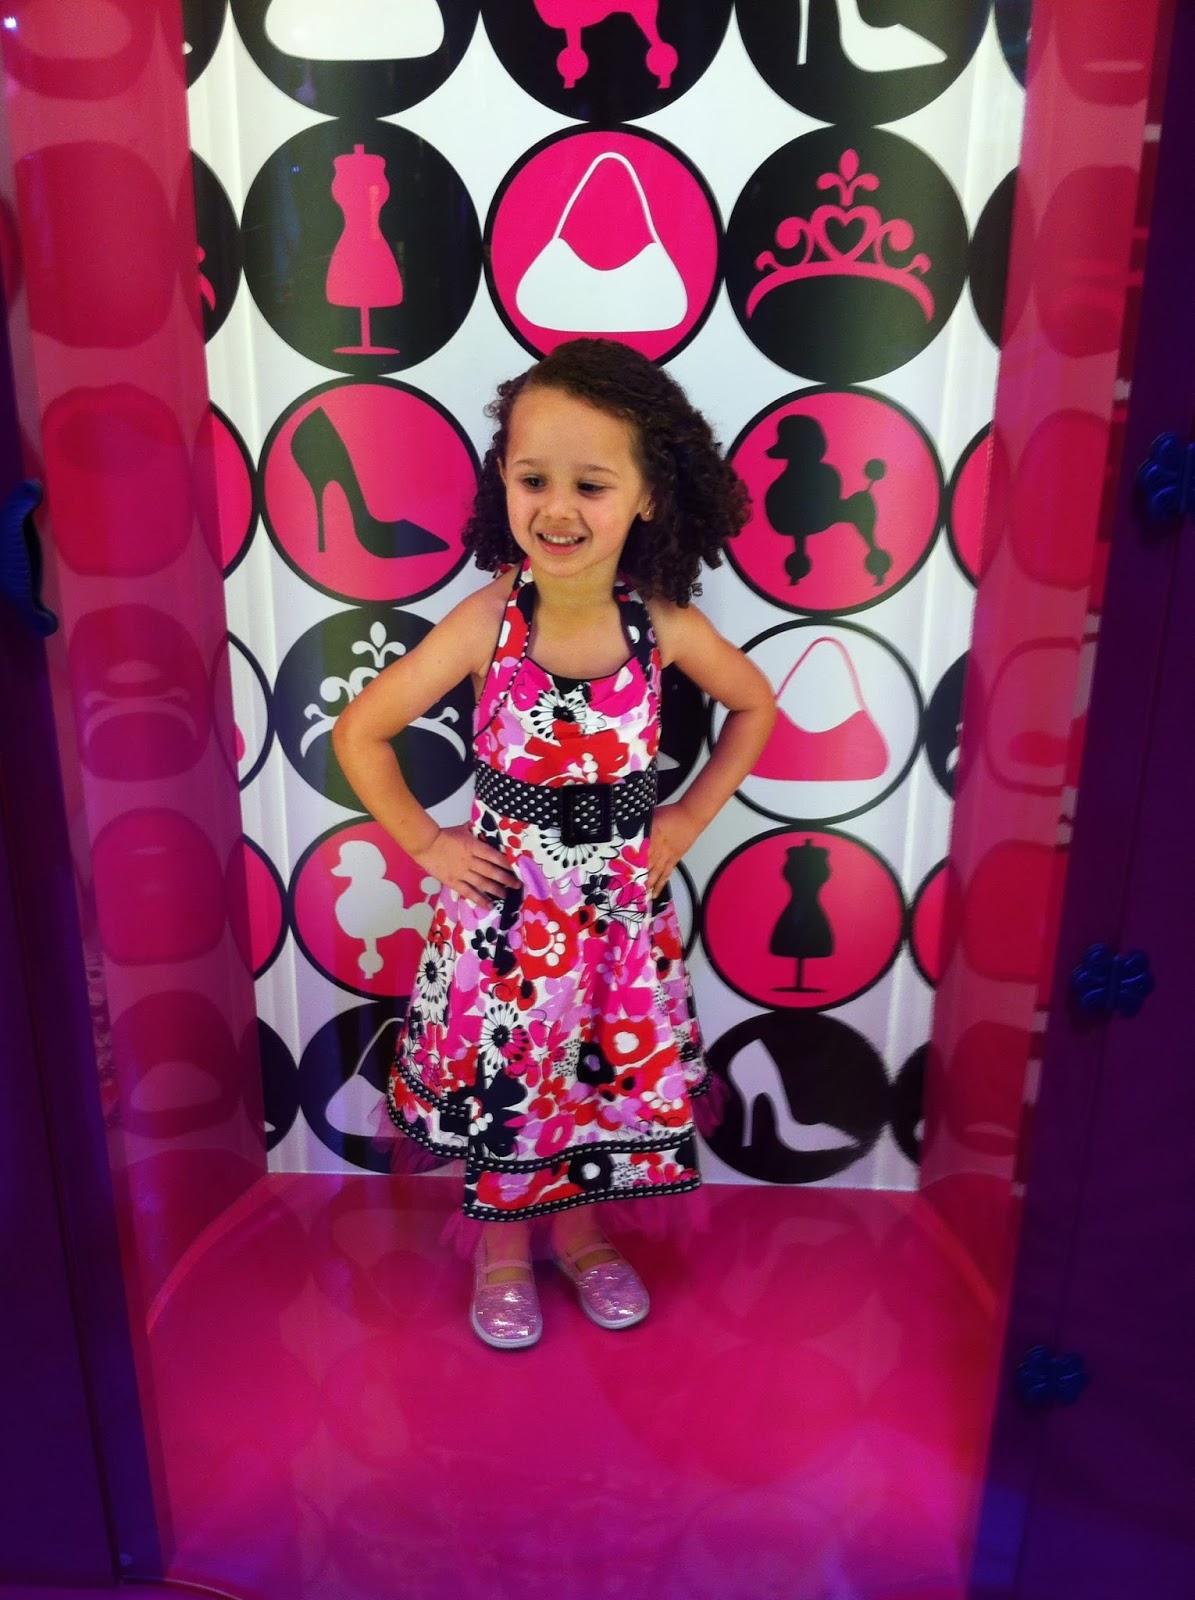 Fomos e aprovamos: A Casa da Barbie The Dreamhouse Experience ~ Big  #8A103E 1195x1600 Banheiro Da Barbie Mercadolivre